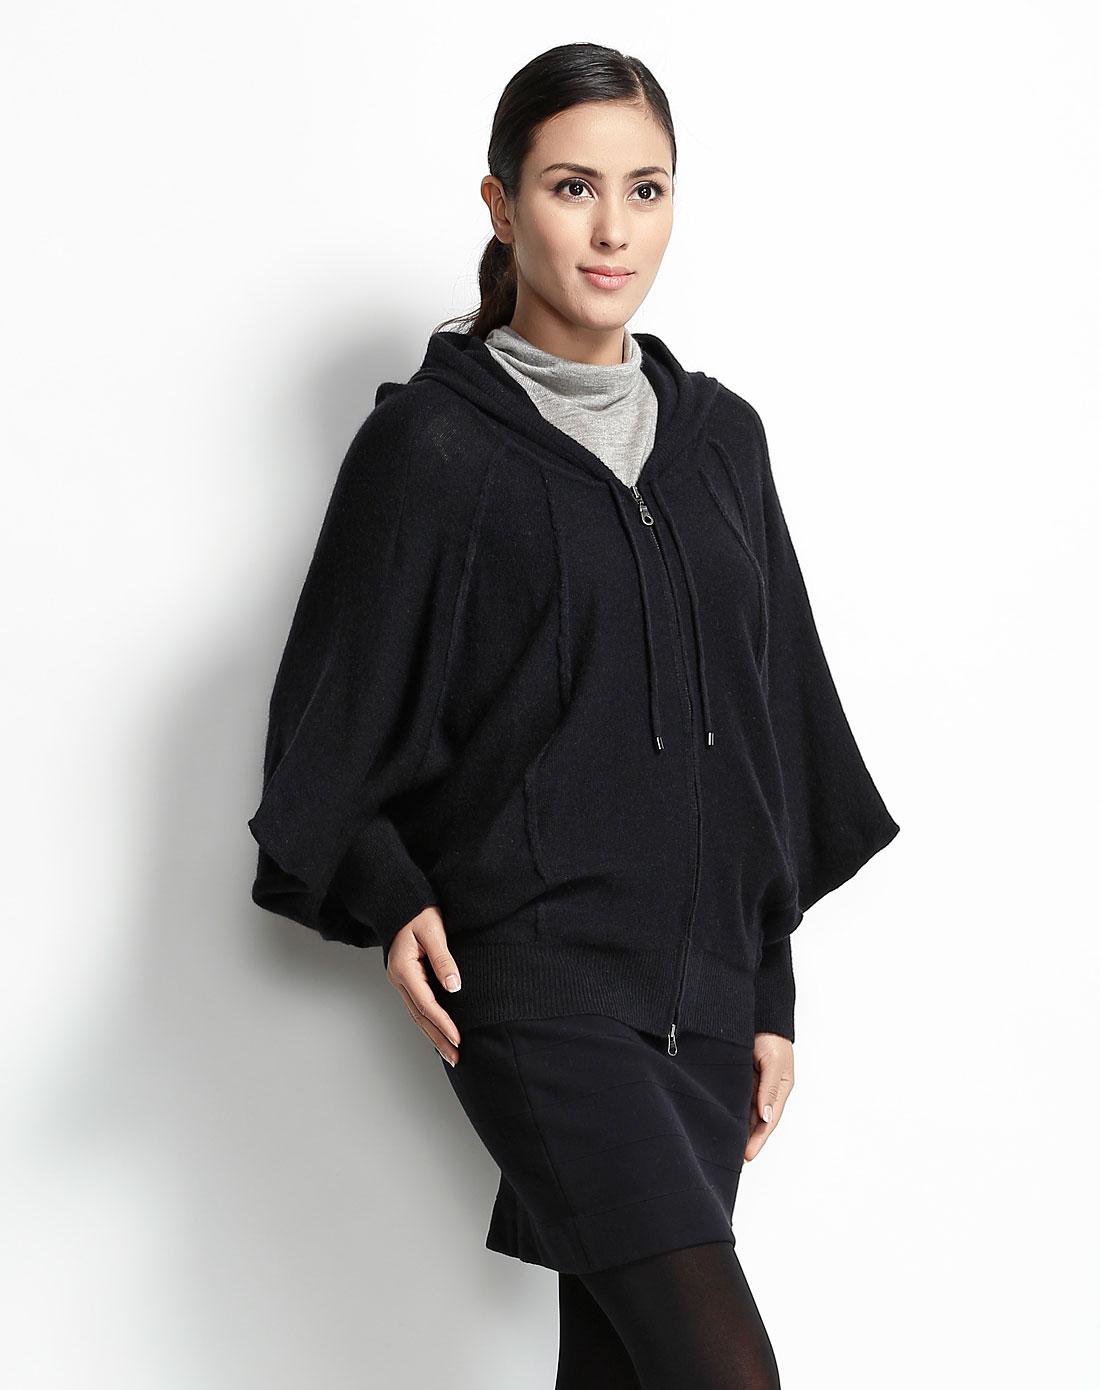 黑色蝙蝠袖针织衫